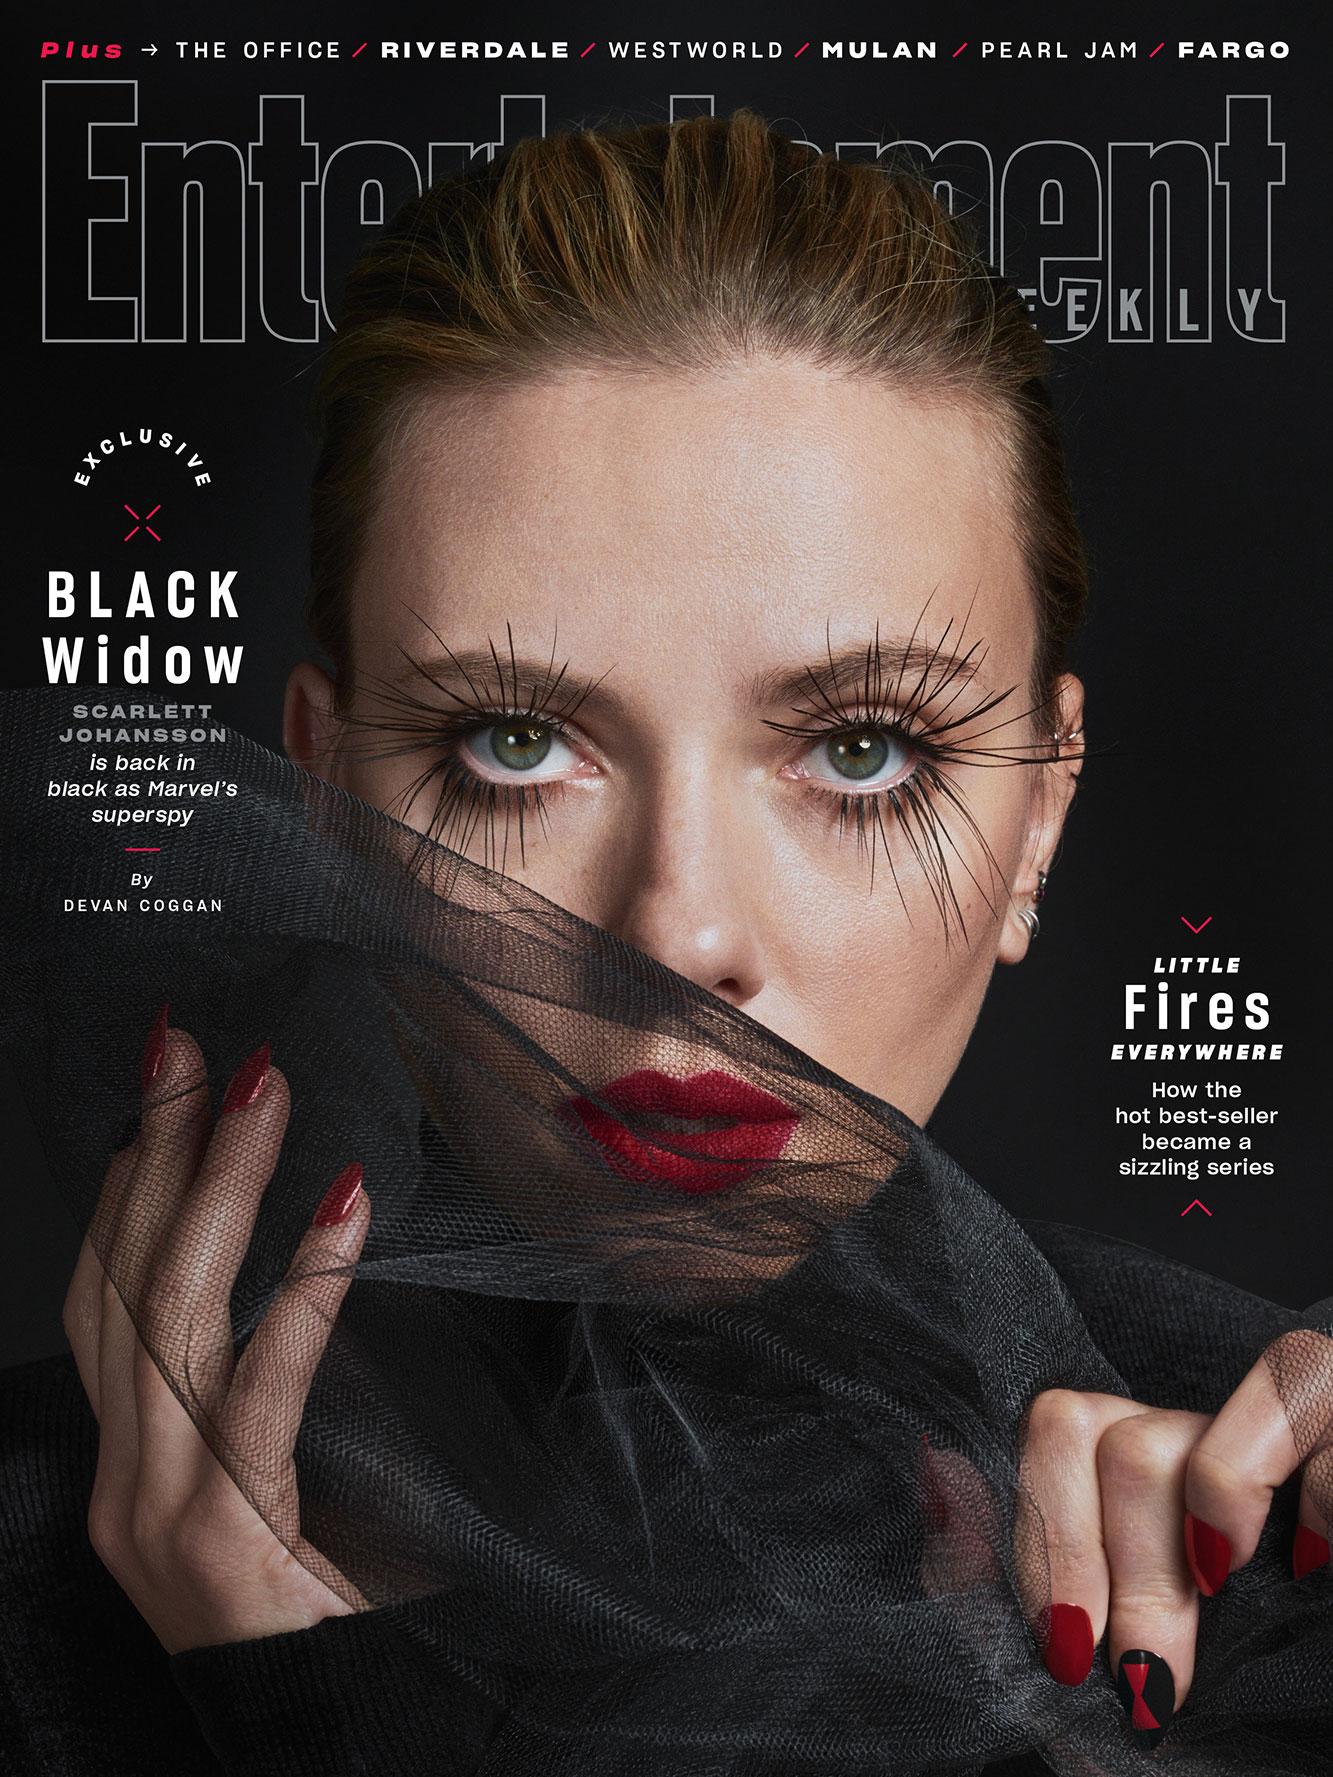 Скарлетт Йоханссон снялась в элегантной фотосессии в роли Черной Вдовы обложка